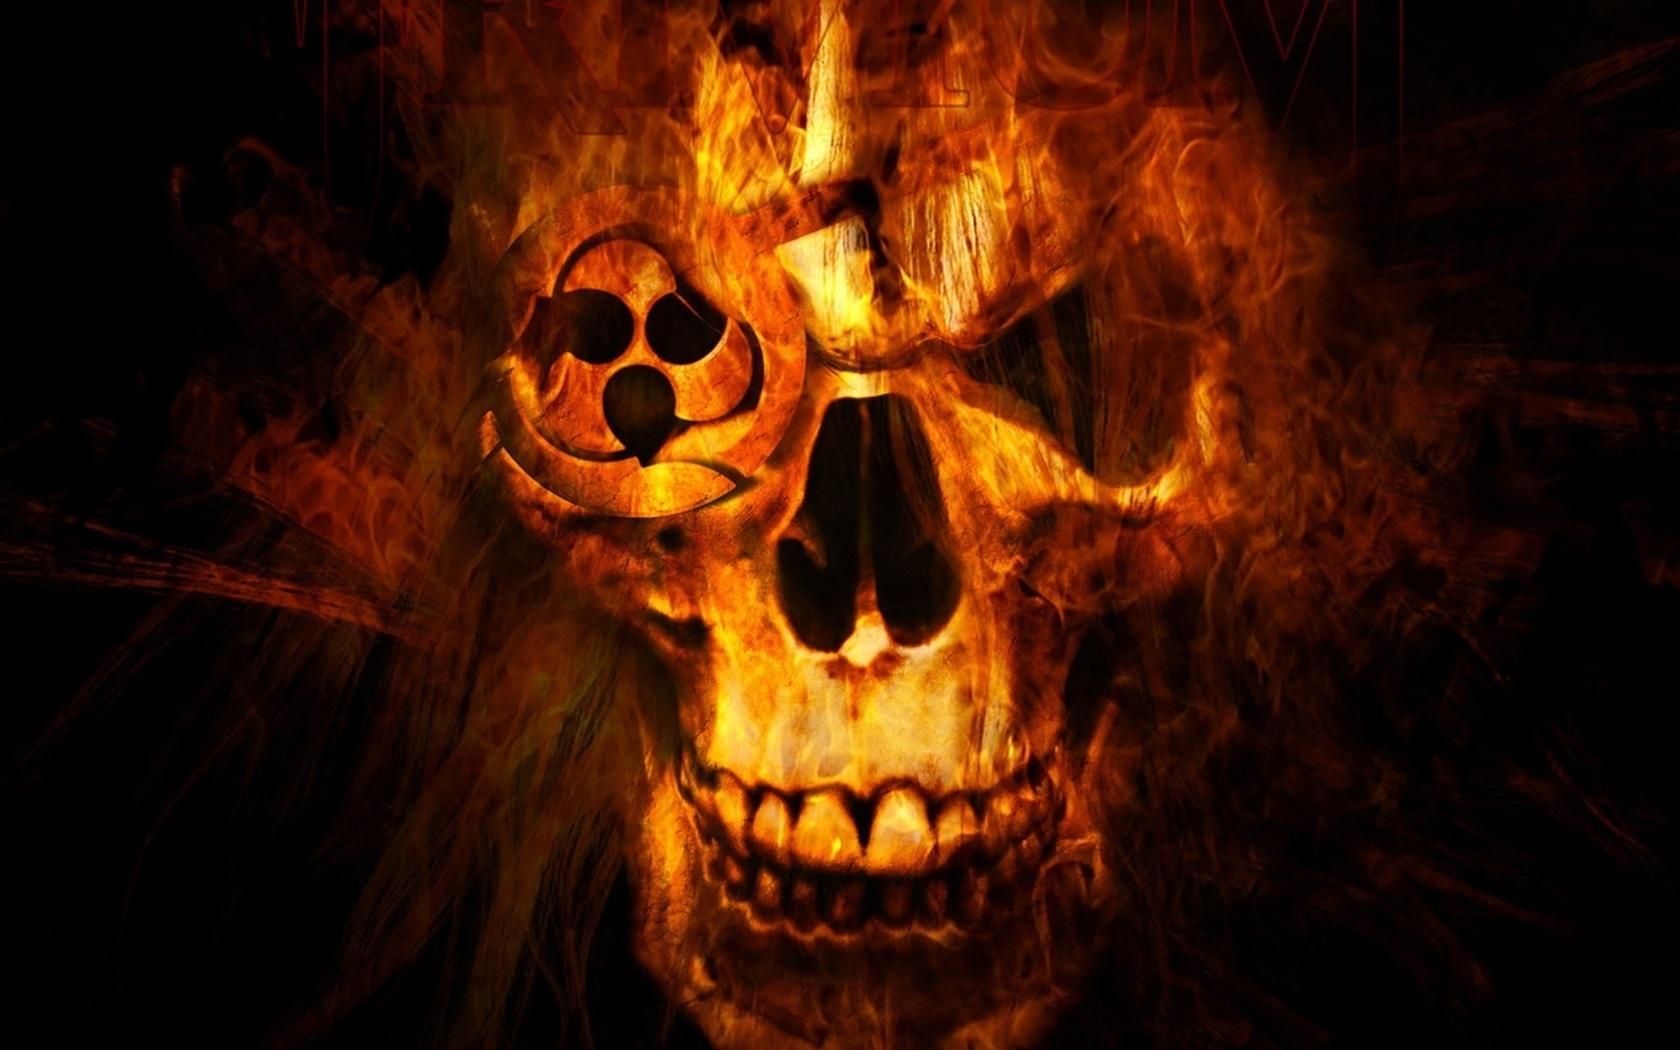 12703 Заставки и Обои Смерть на телефон. Скачать Смерть, Арт, Огонь, Рисунки картинки бесплатно